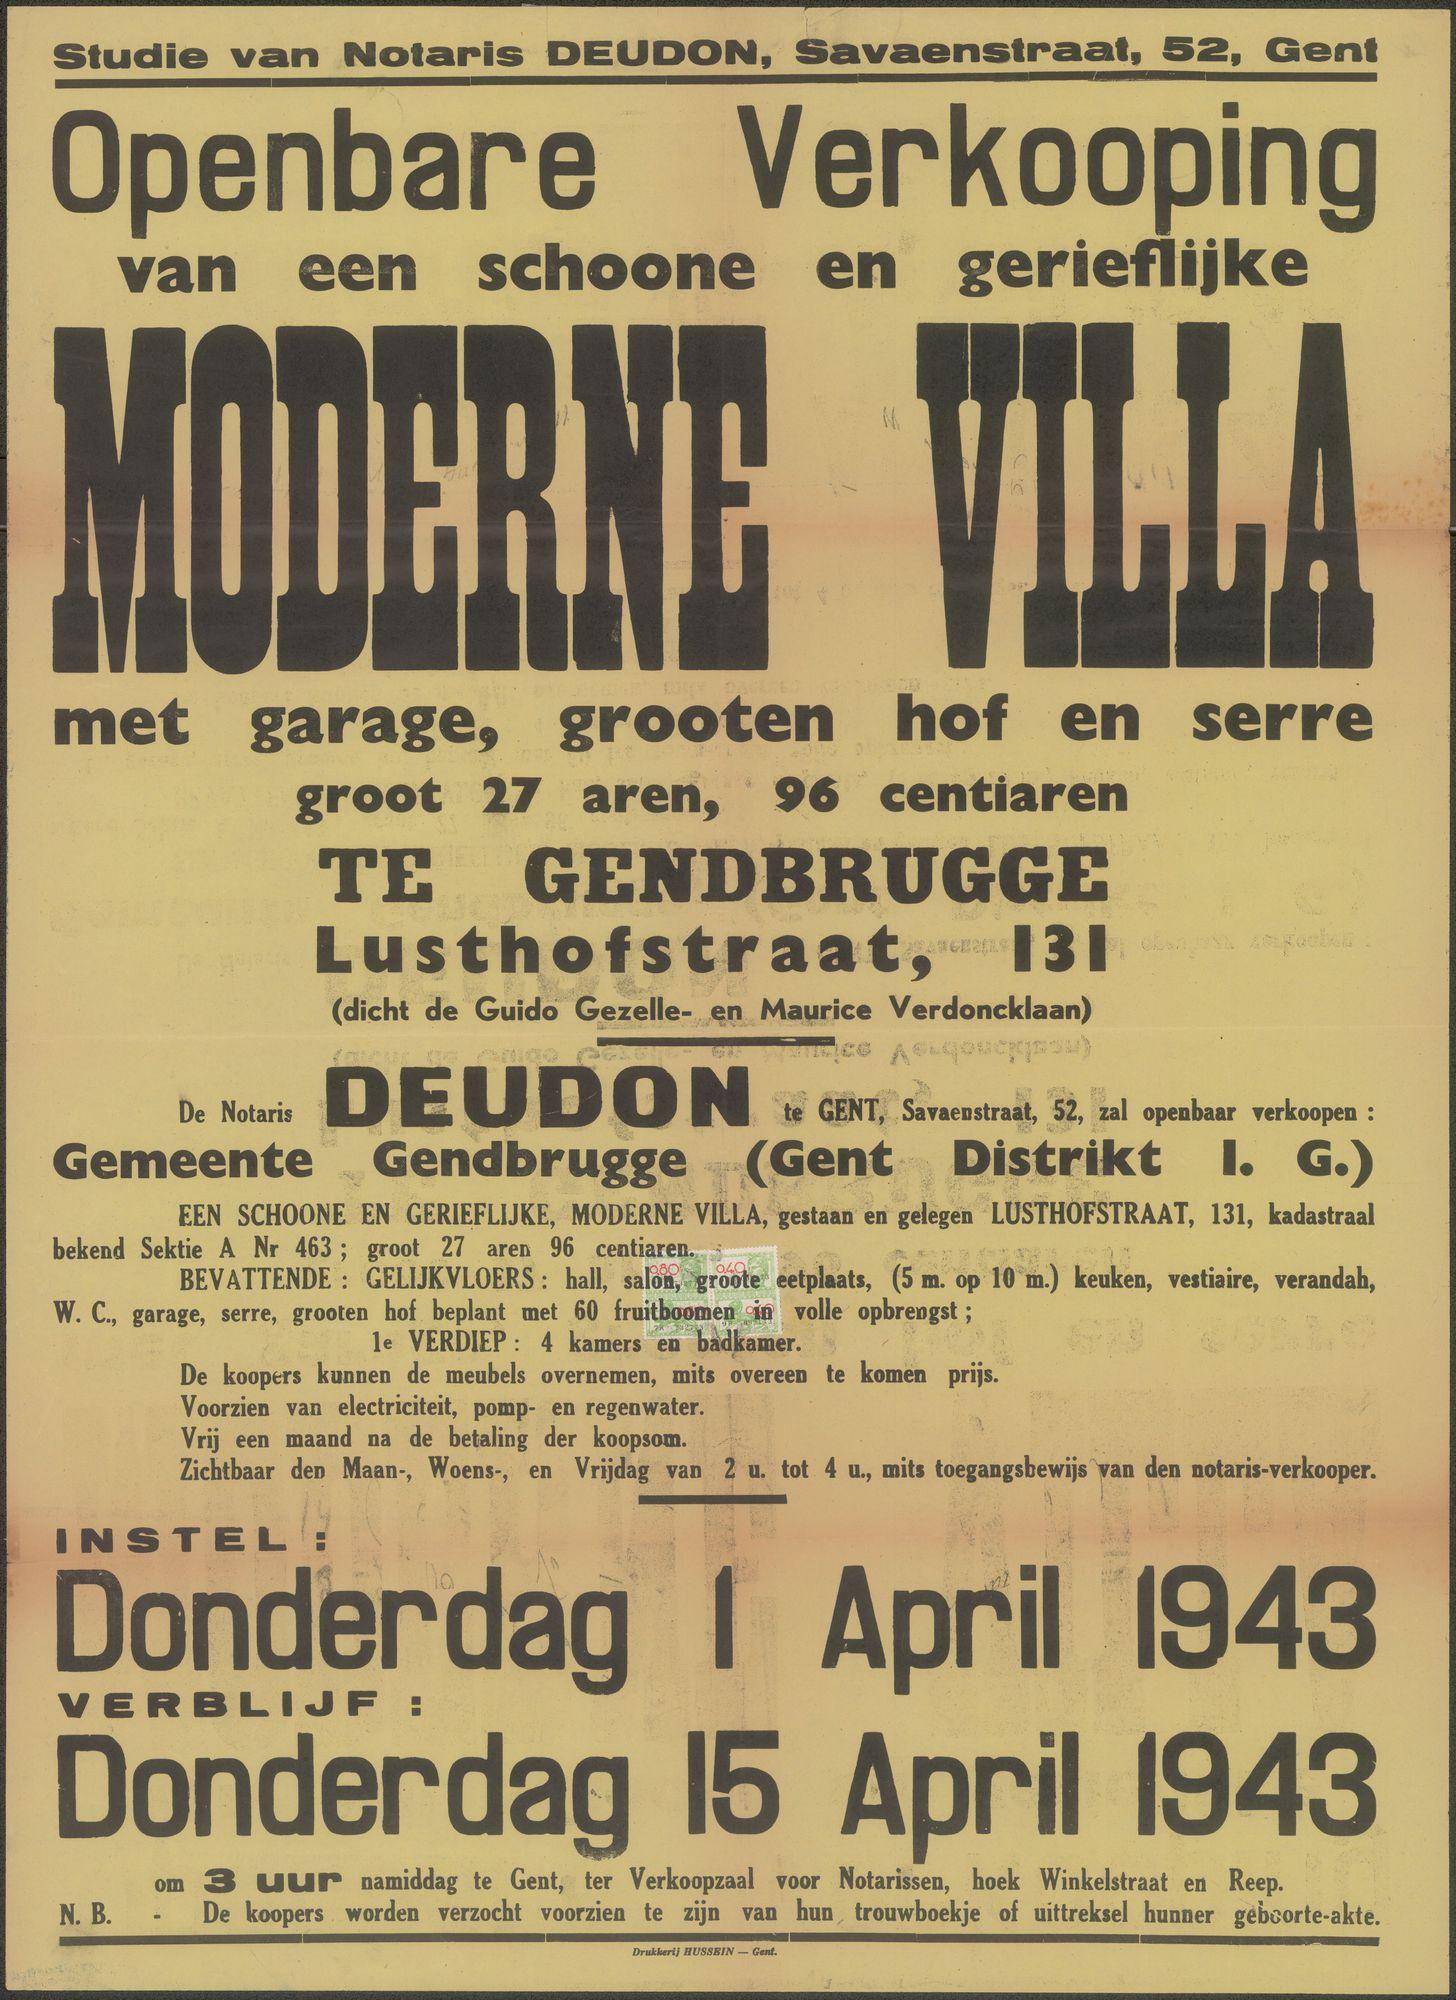 Openbare verkoop van een schone en gerieflijke moderne Villa met garage, grote hof en serre, groot 27 aren, 96 centiaren te Gendbrugge (Gentbrugge), Lusthofstraat, nr.131 (dicht de Guido Gezelle- en Maurice Verdoncklaan), Gent, 15 april 1943